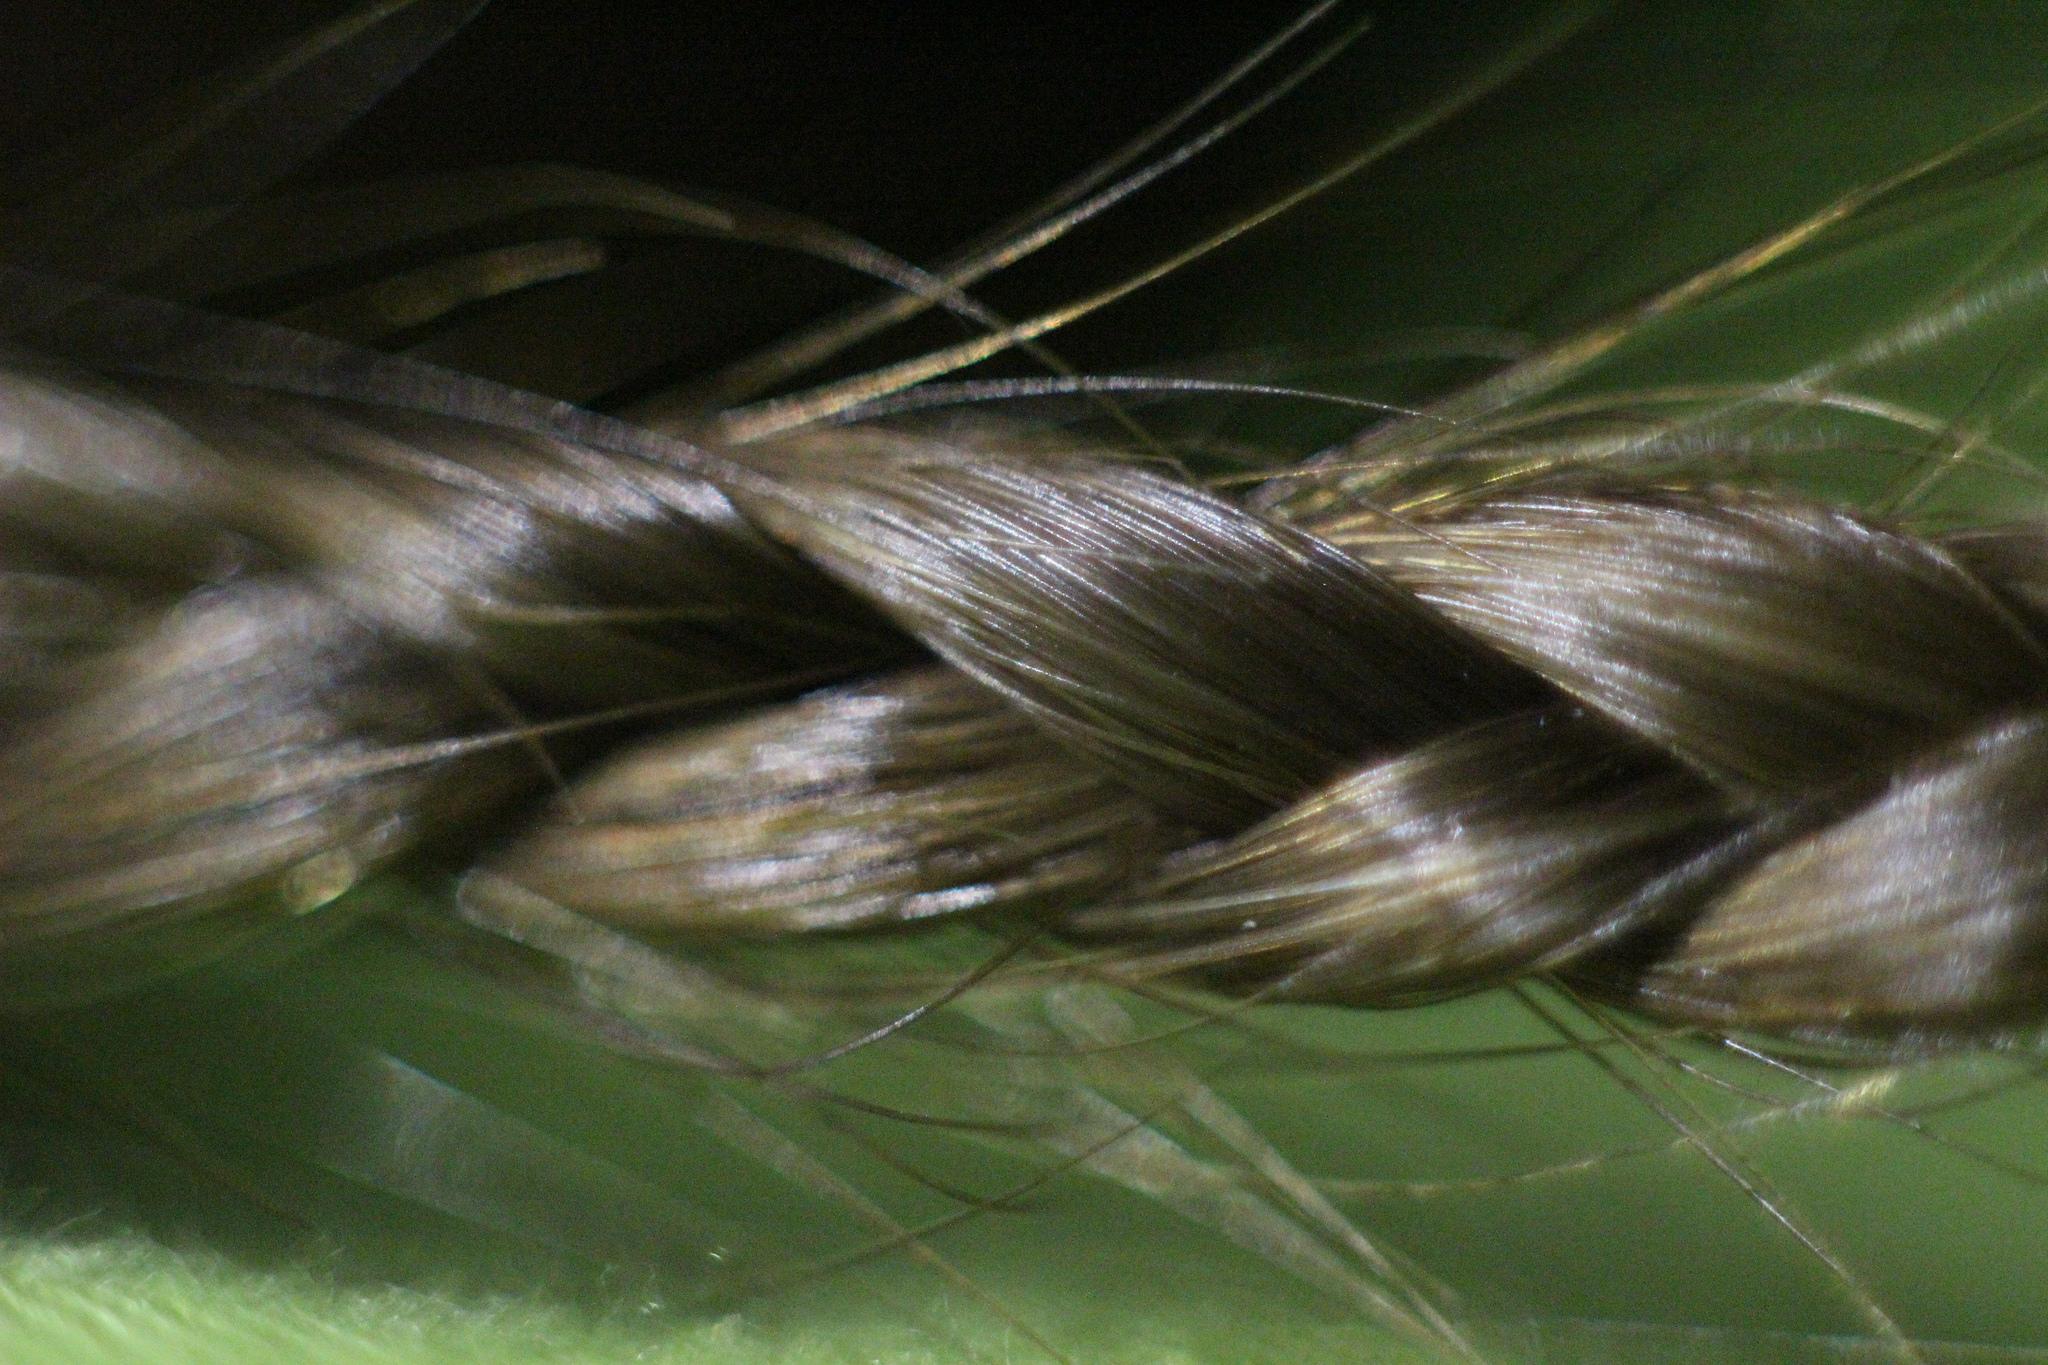 Dopinki do włosów – co i jak robić?